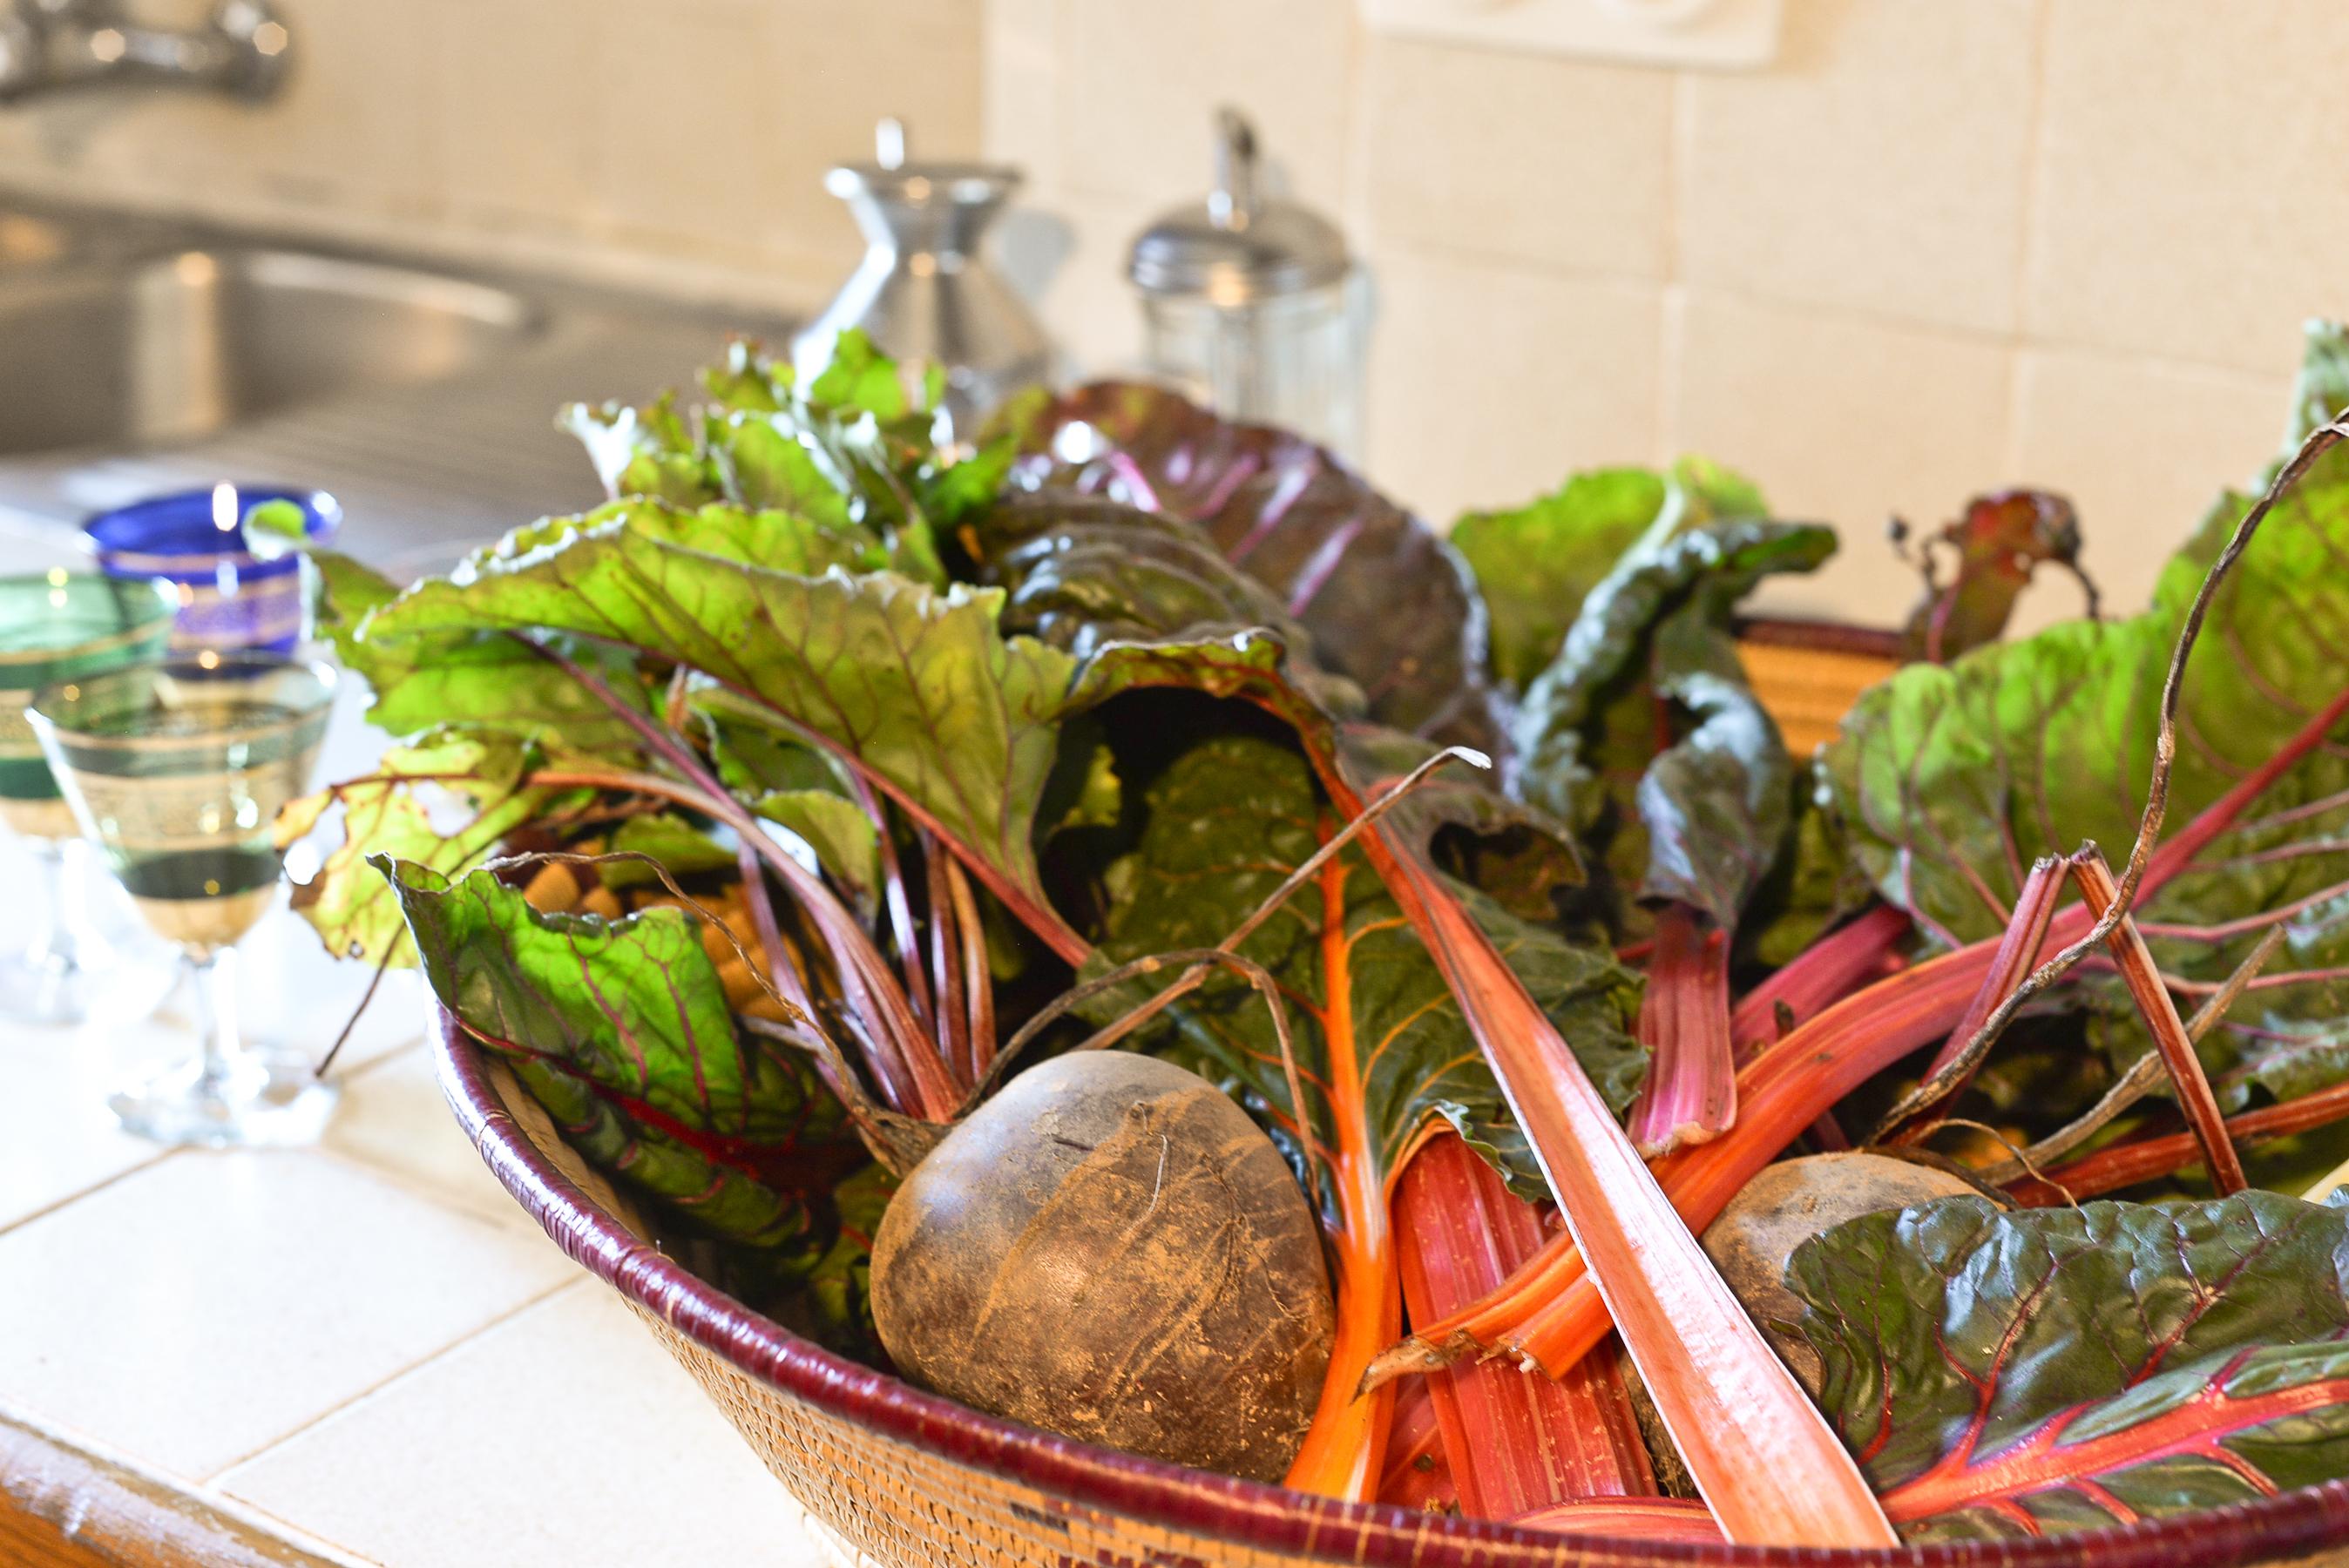 Les verdures de l'hort